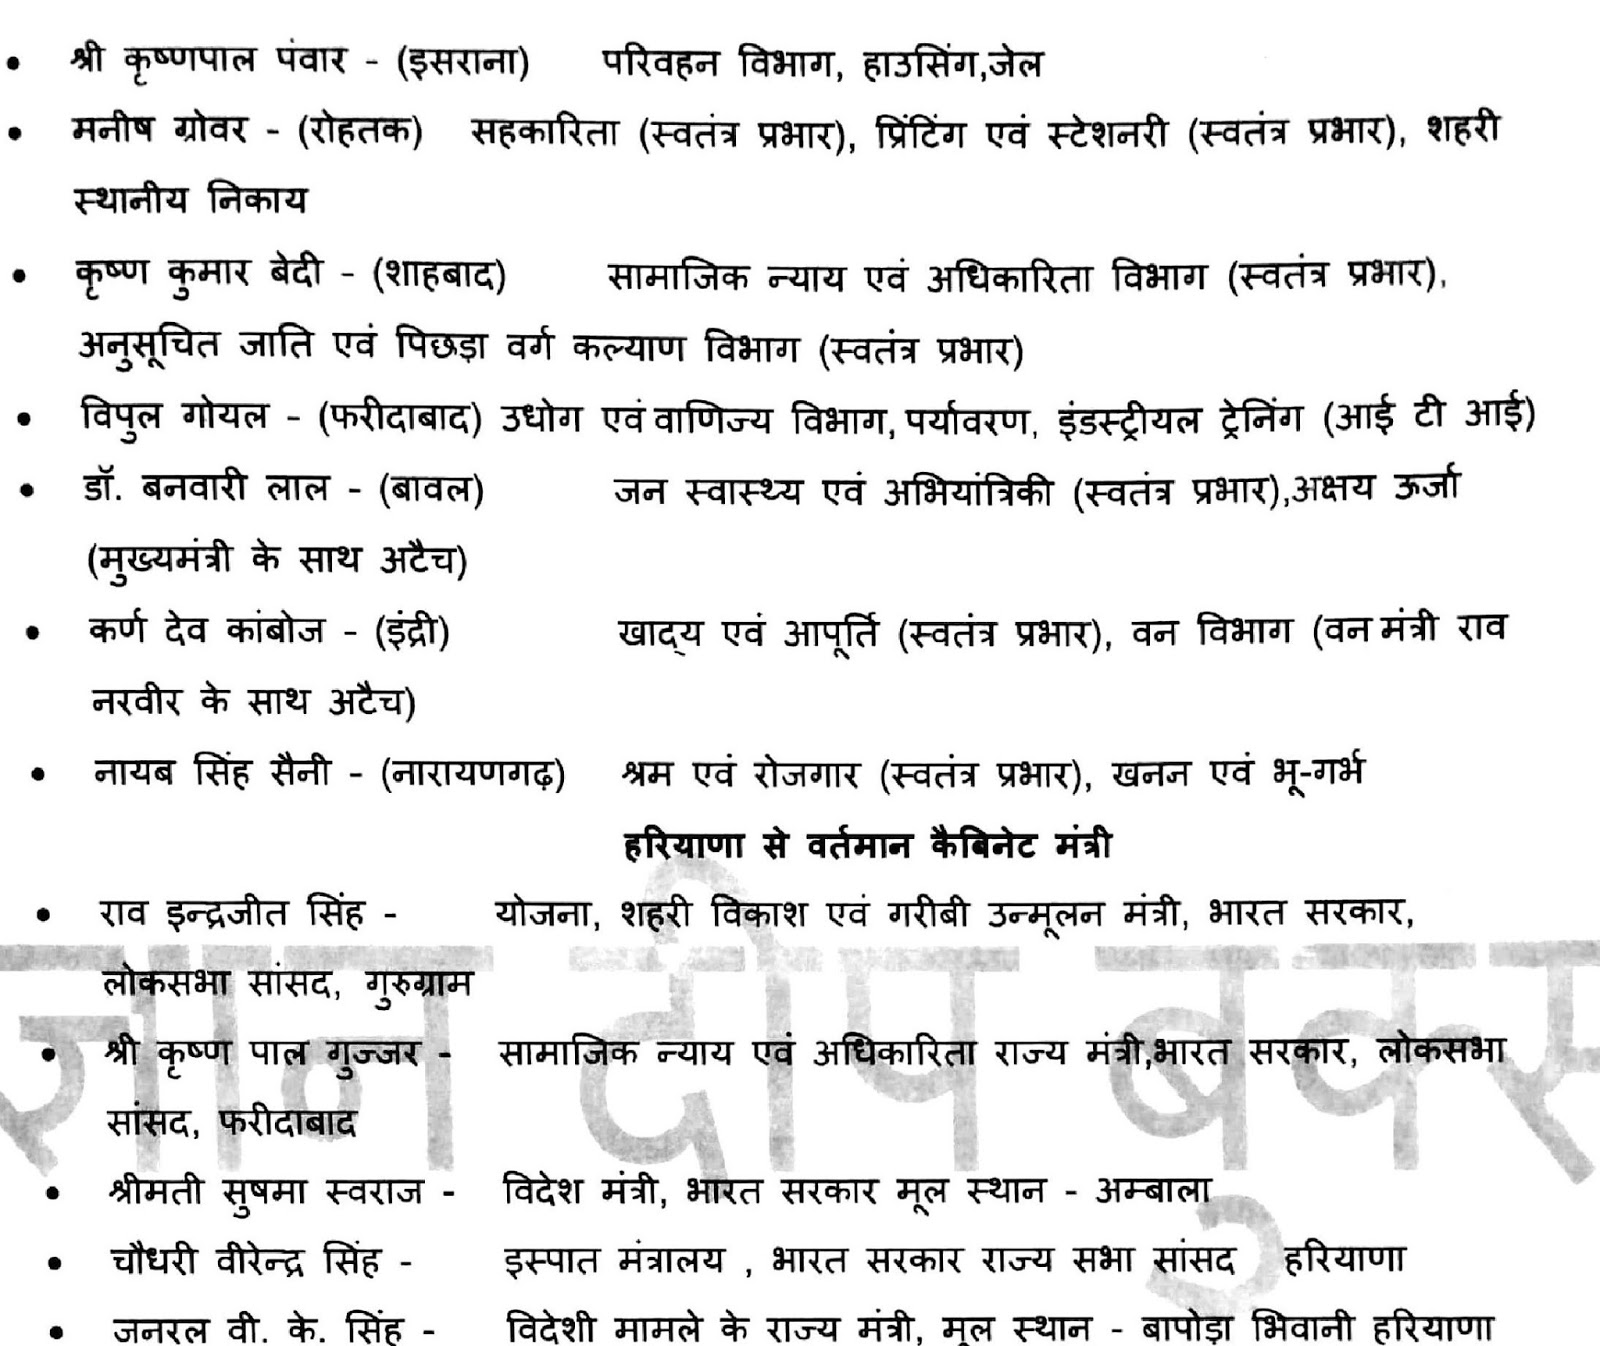 Haryana Gk Pdf File